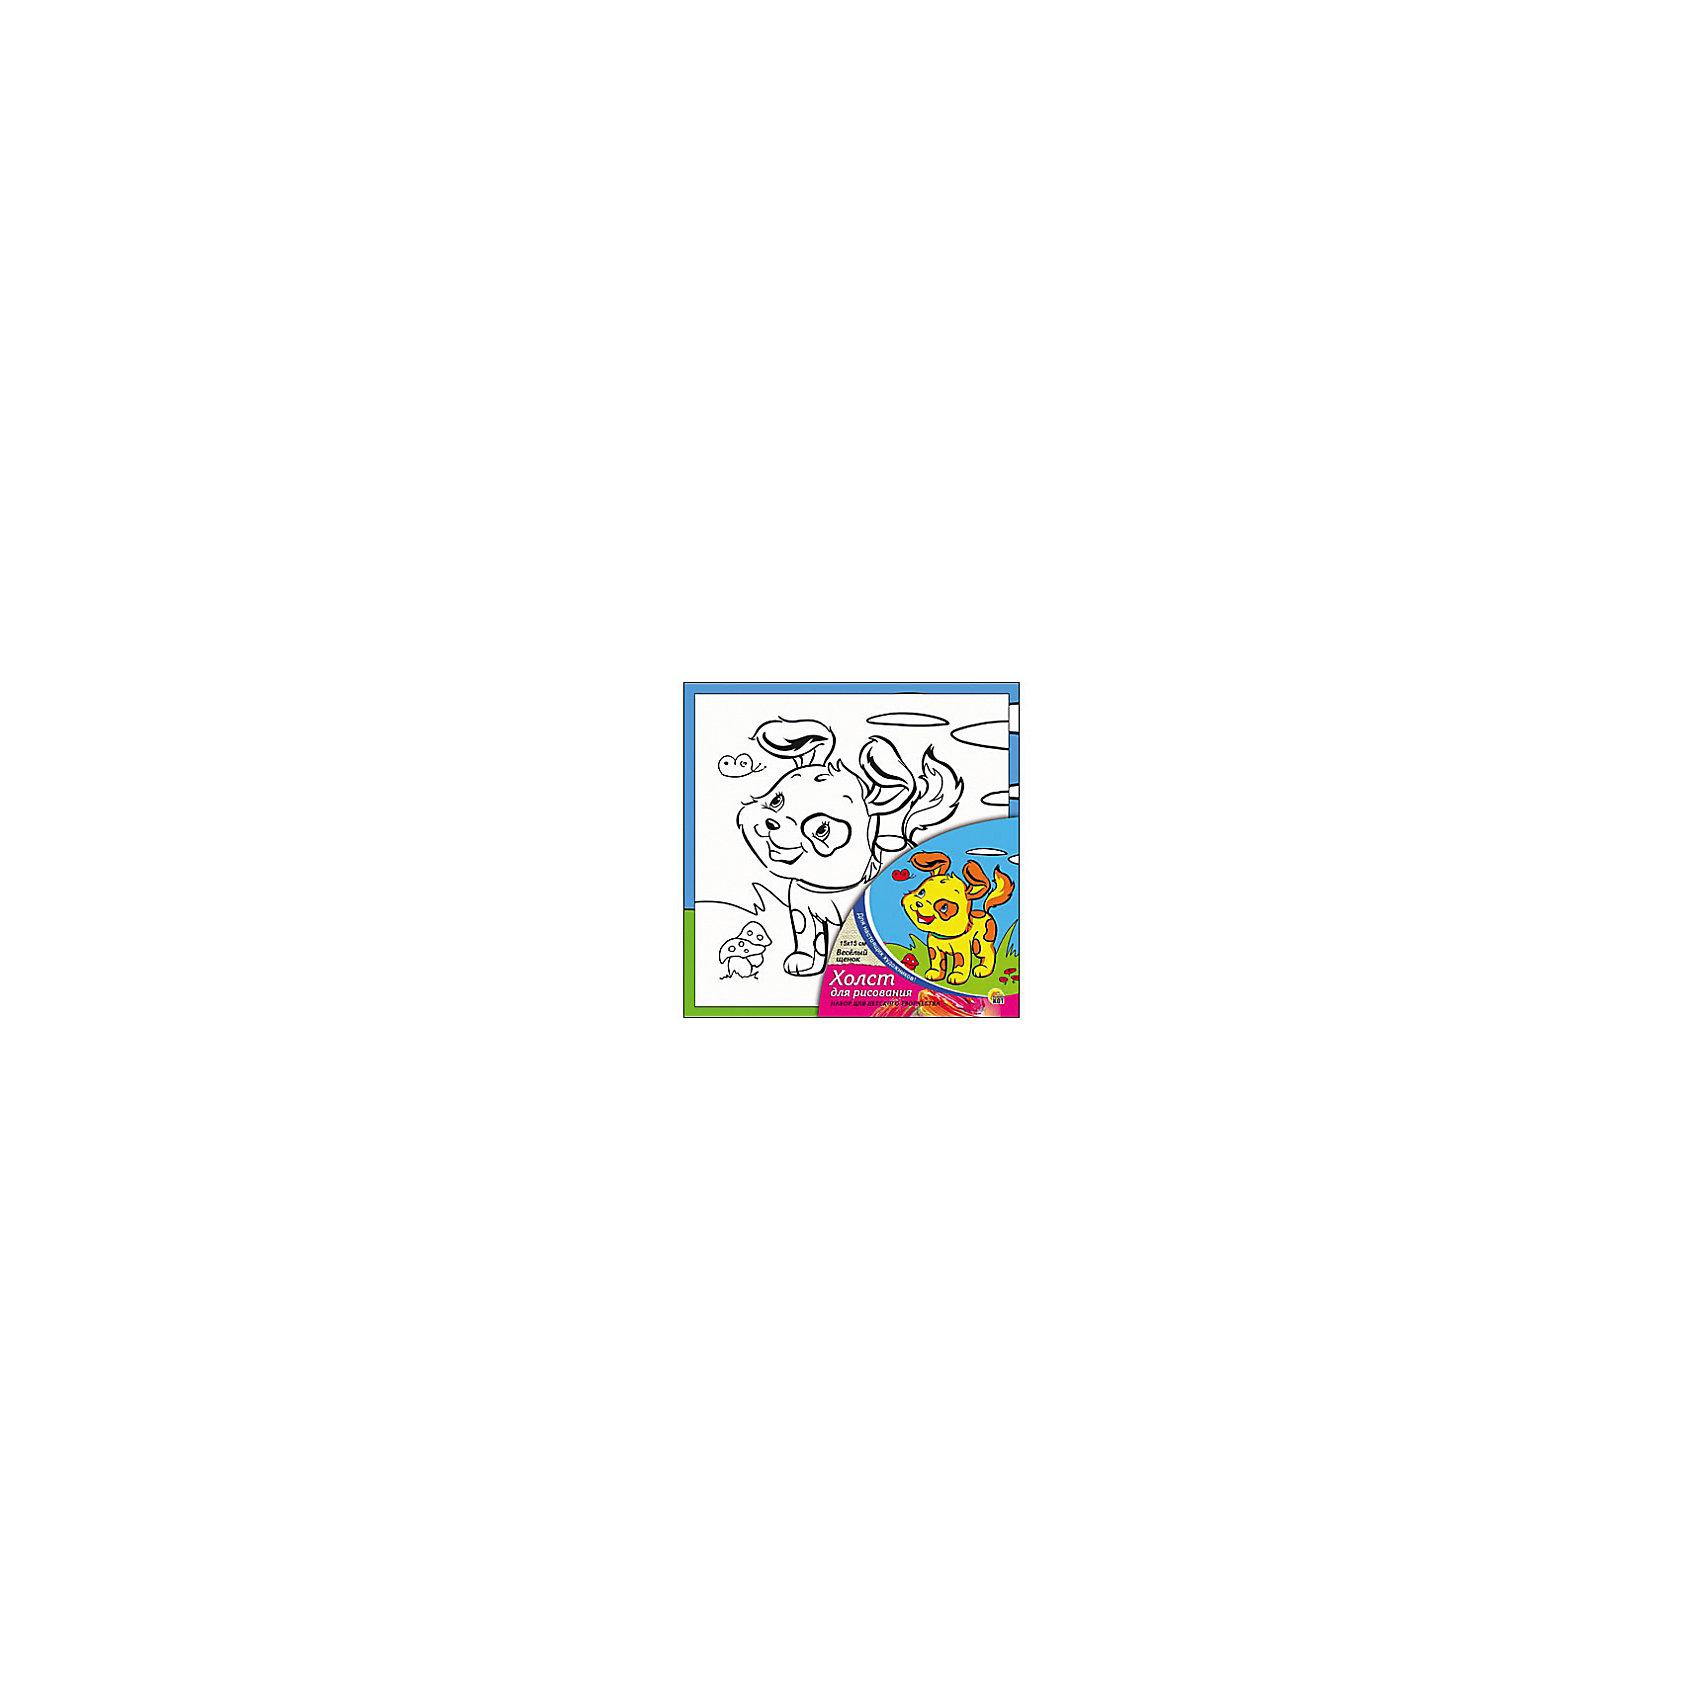 Холст с красками Весёлый щенок 15х15 см.Рисование<br>замечательные наборы для создания уникального шедевра изобразительного искусства. Создание картин на специально подготовленной рабочей поверхности – это уникальная техника, позволяющая делать Ваши шедевры более яркими и реалистичными. Просто нанесите мазки на уже готовый эскиз и оживите картину! Готовые изделия могут стать украшением интерьера или прекрасным подарком близким и друзьям.<br><br>Ширина мм: 150<br>Глубина мм: 150<br>Высота мм: 15<br>Вес г: 838<br>Возраст от месяцев: 36<br>Возраст до месяцев: 108<br>Пол: Унисекс<br>Возраст: Детский<br>SKU: 5096731